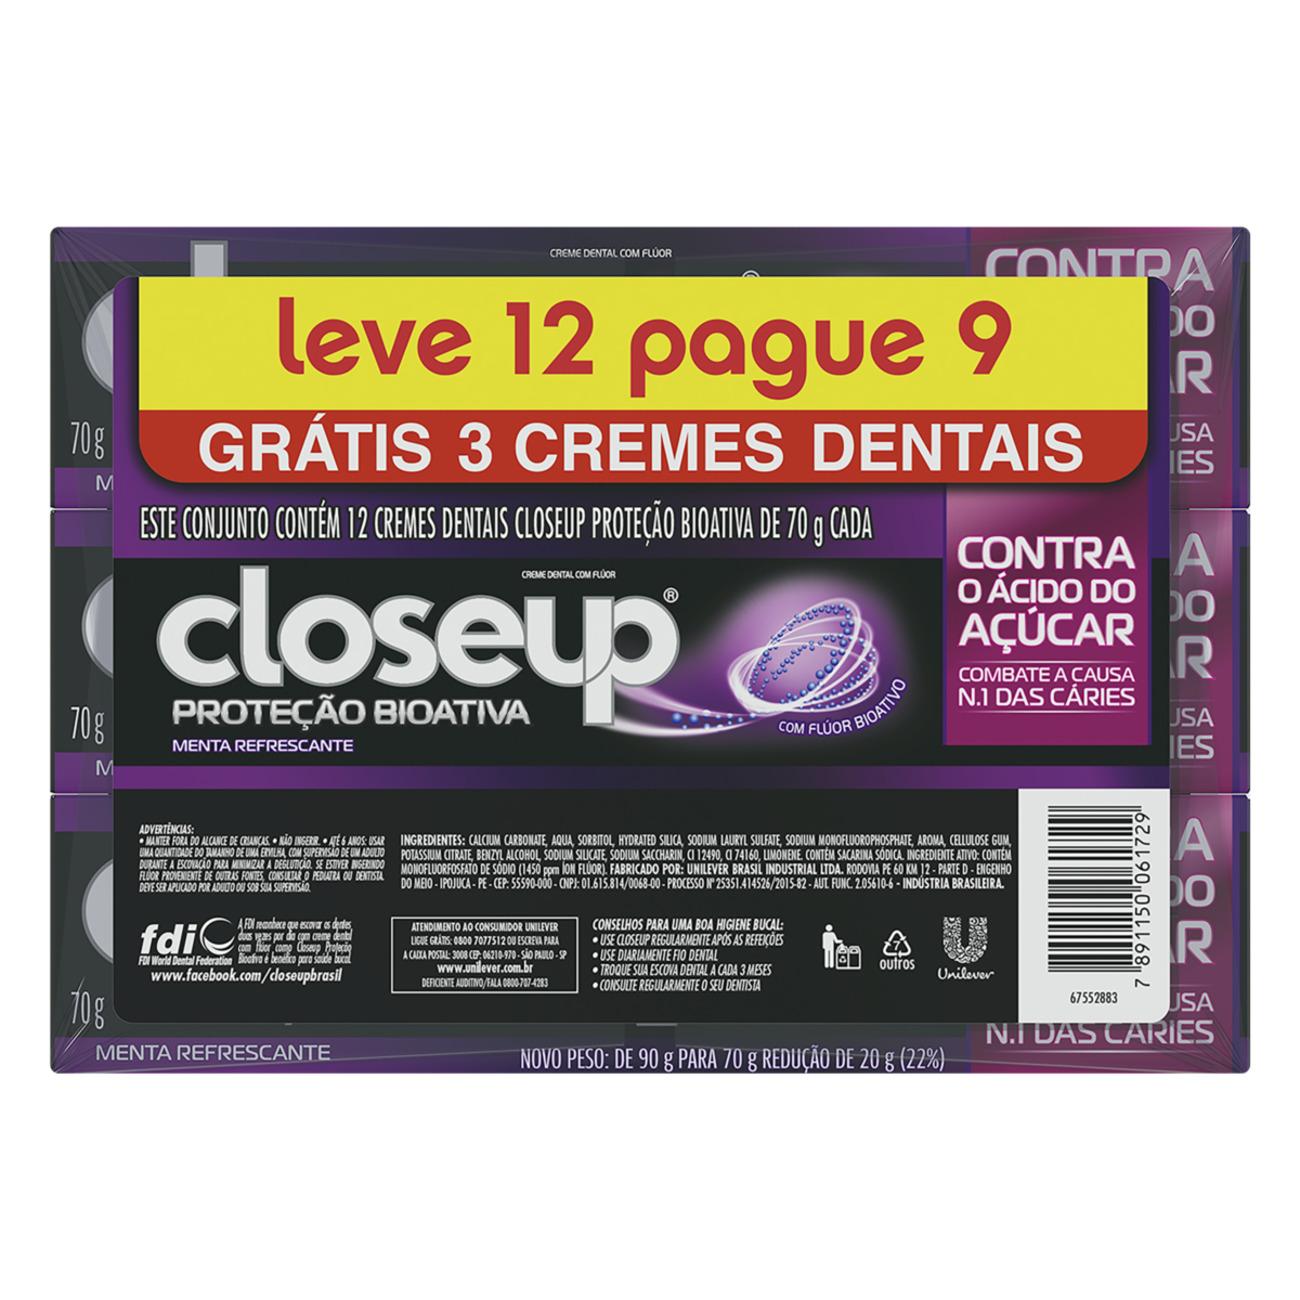 Oferta Creme Dental Close Up Proteção Bioativa 70g